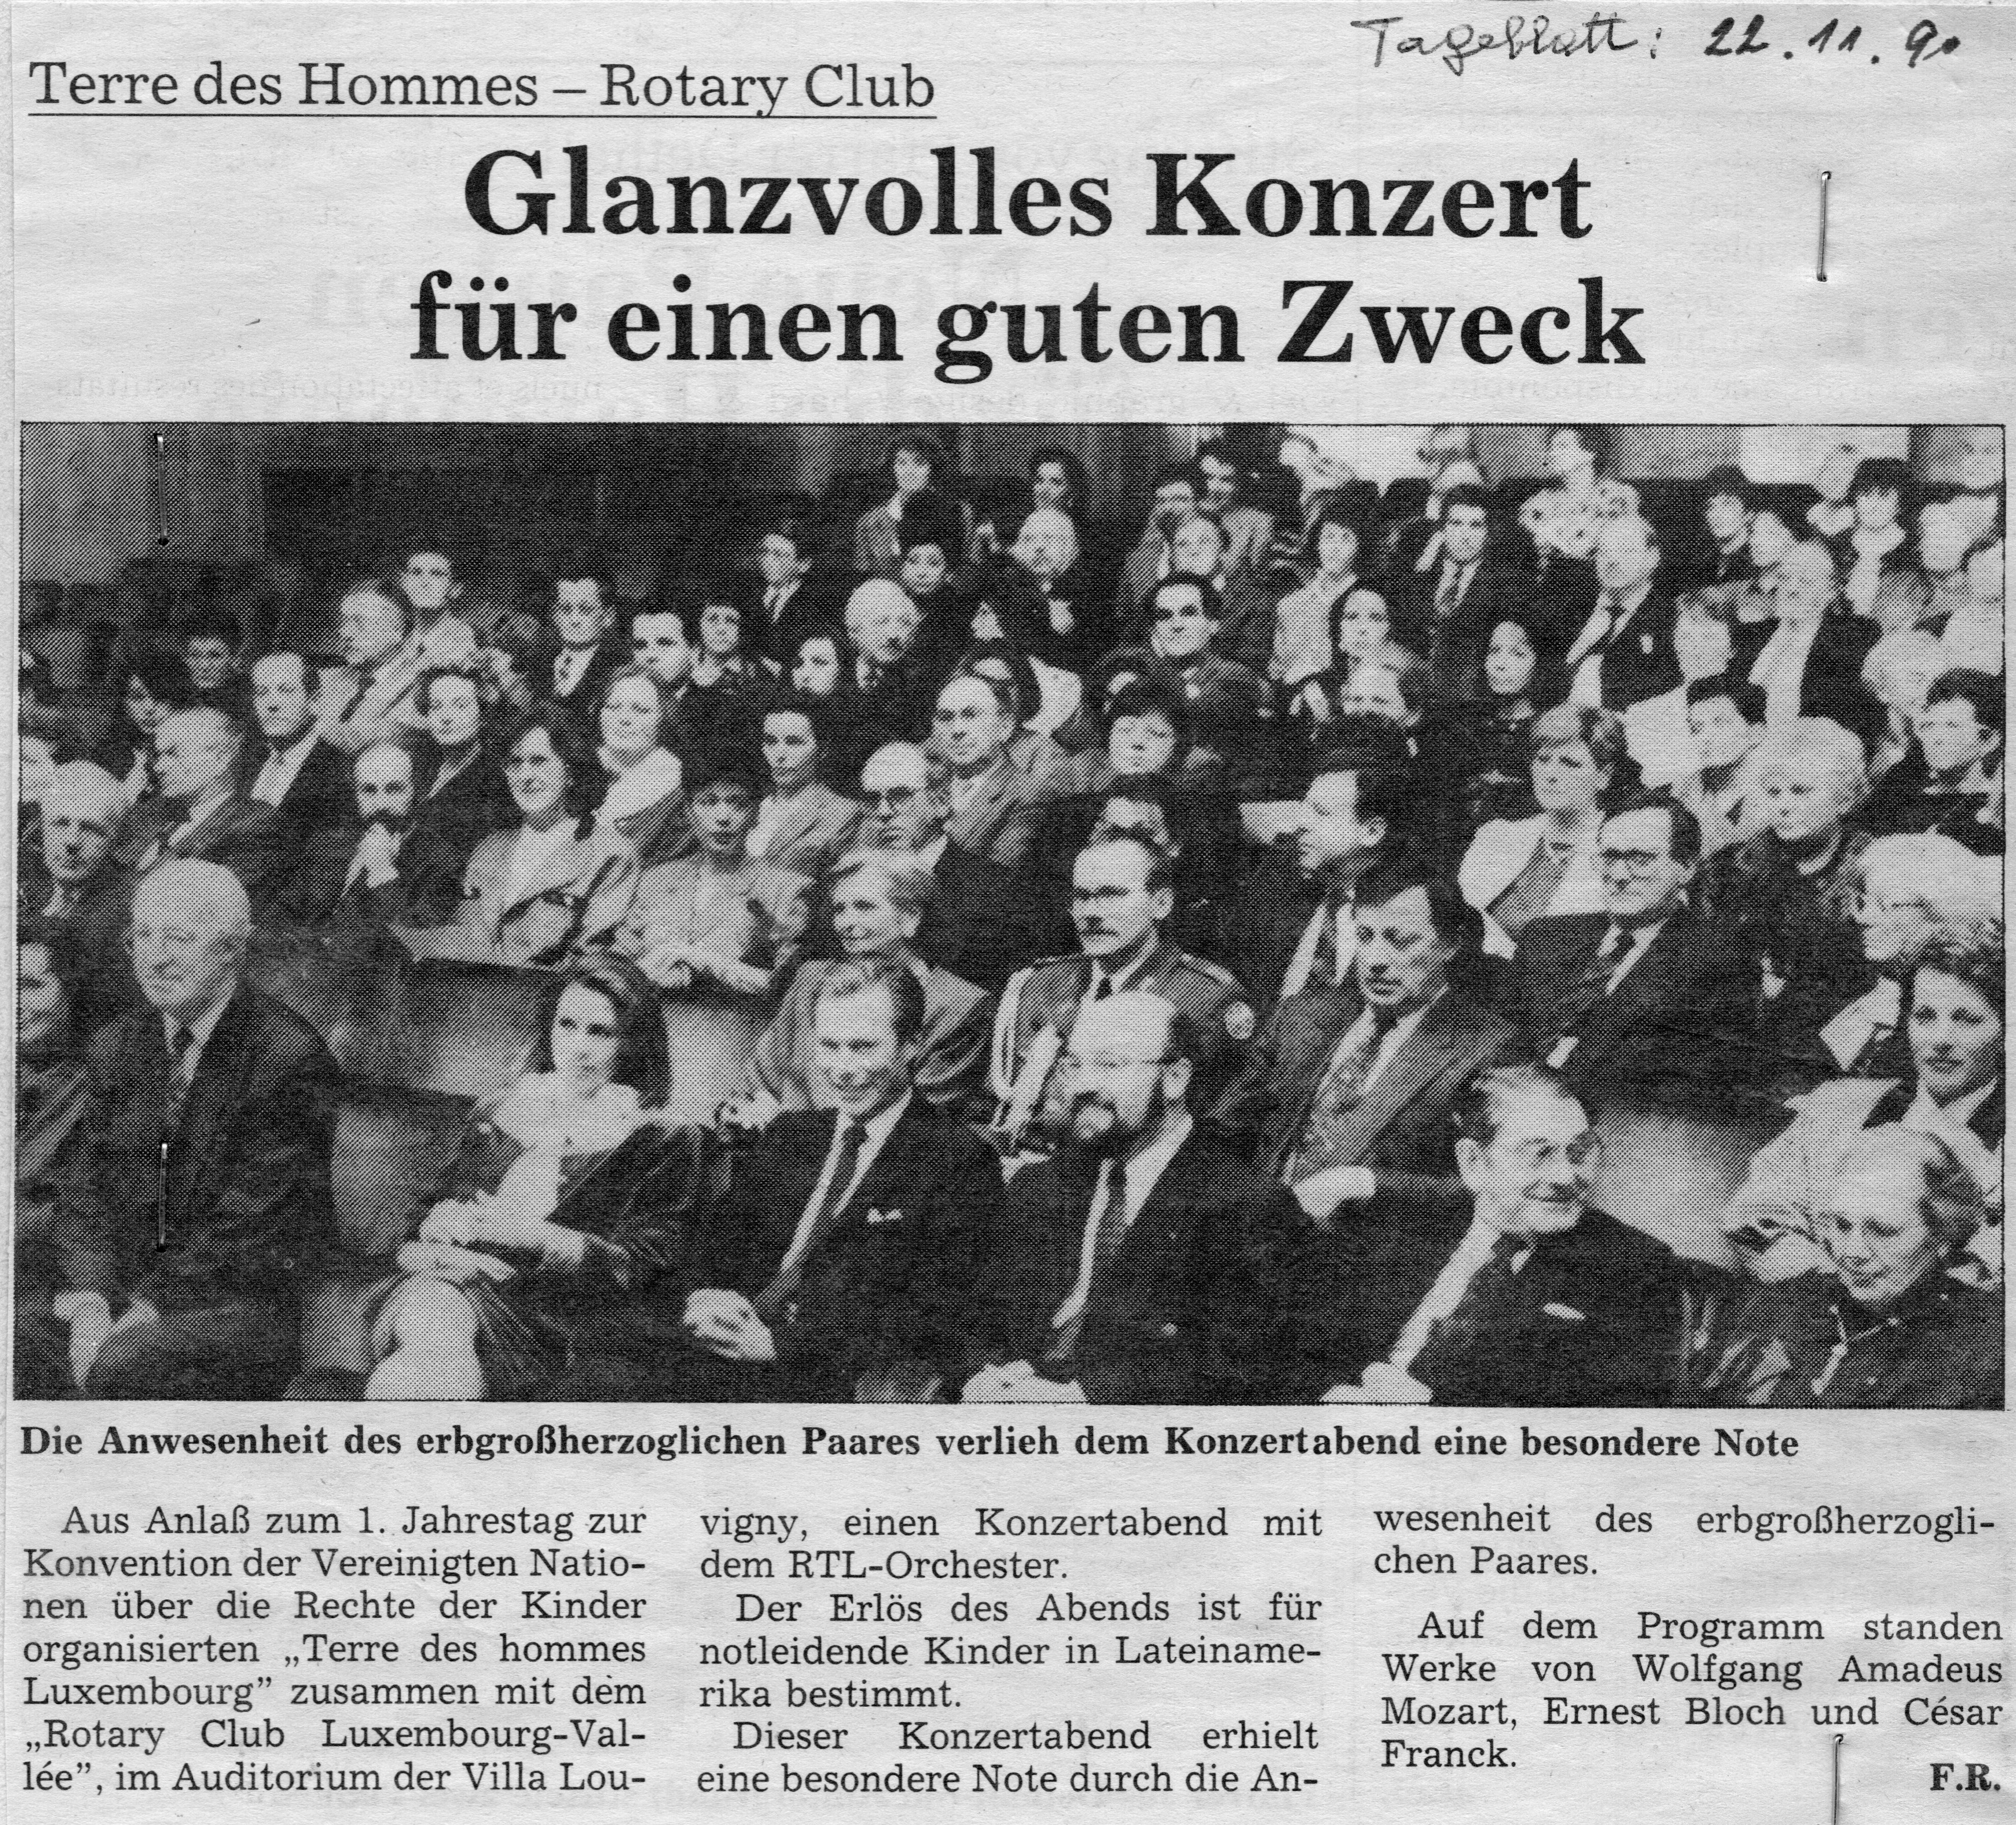 1990: Concert im Auditorium der Villa Louvigny